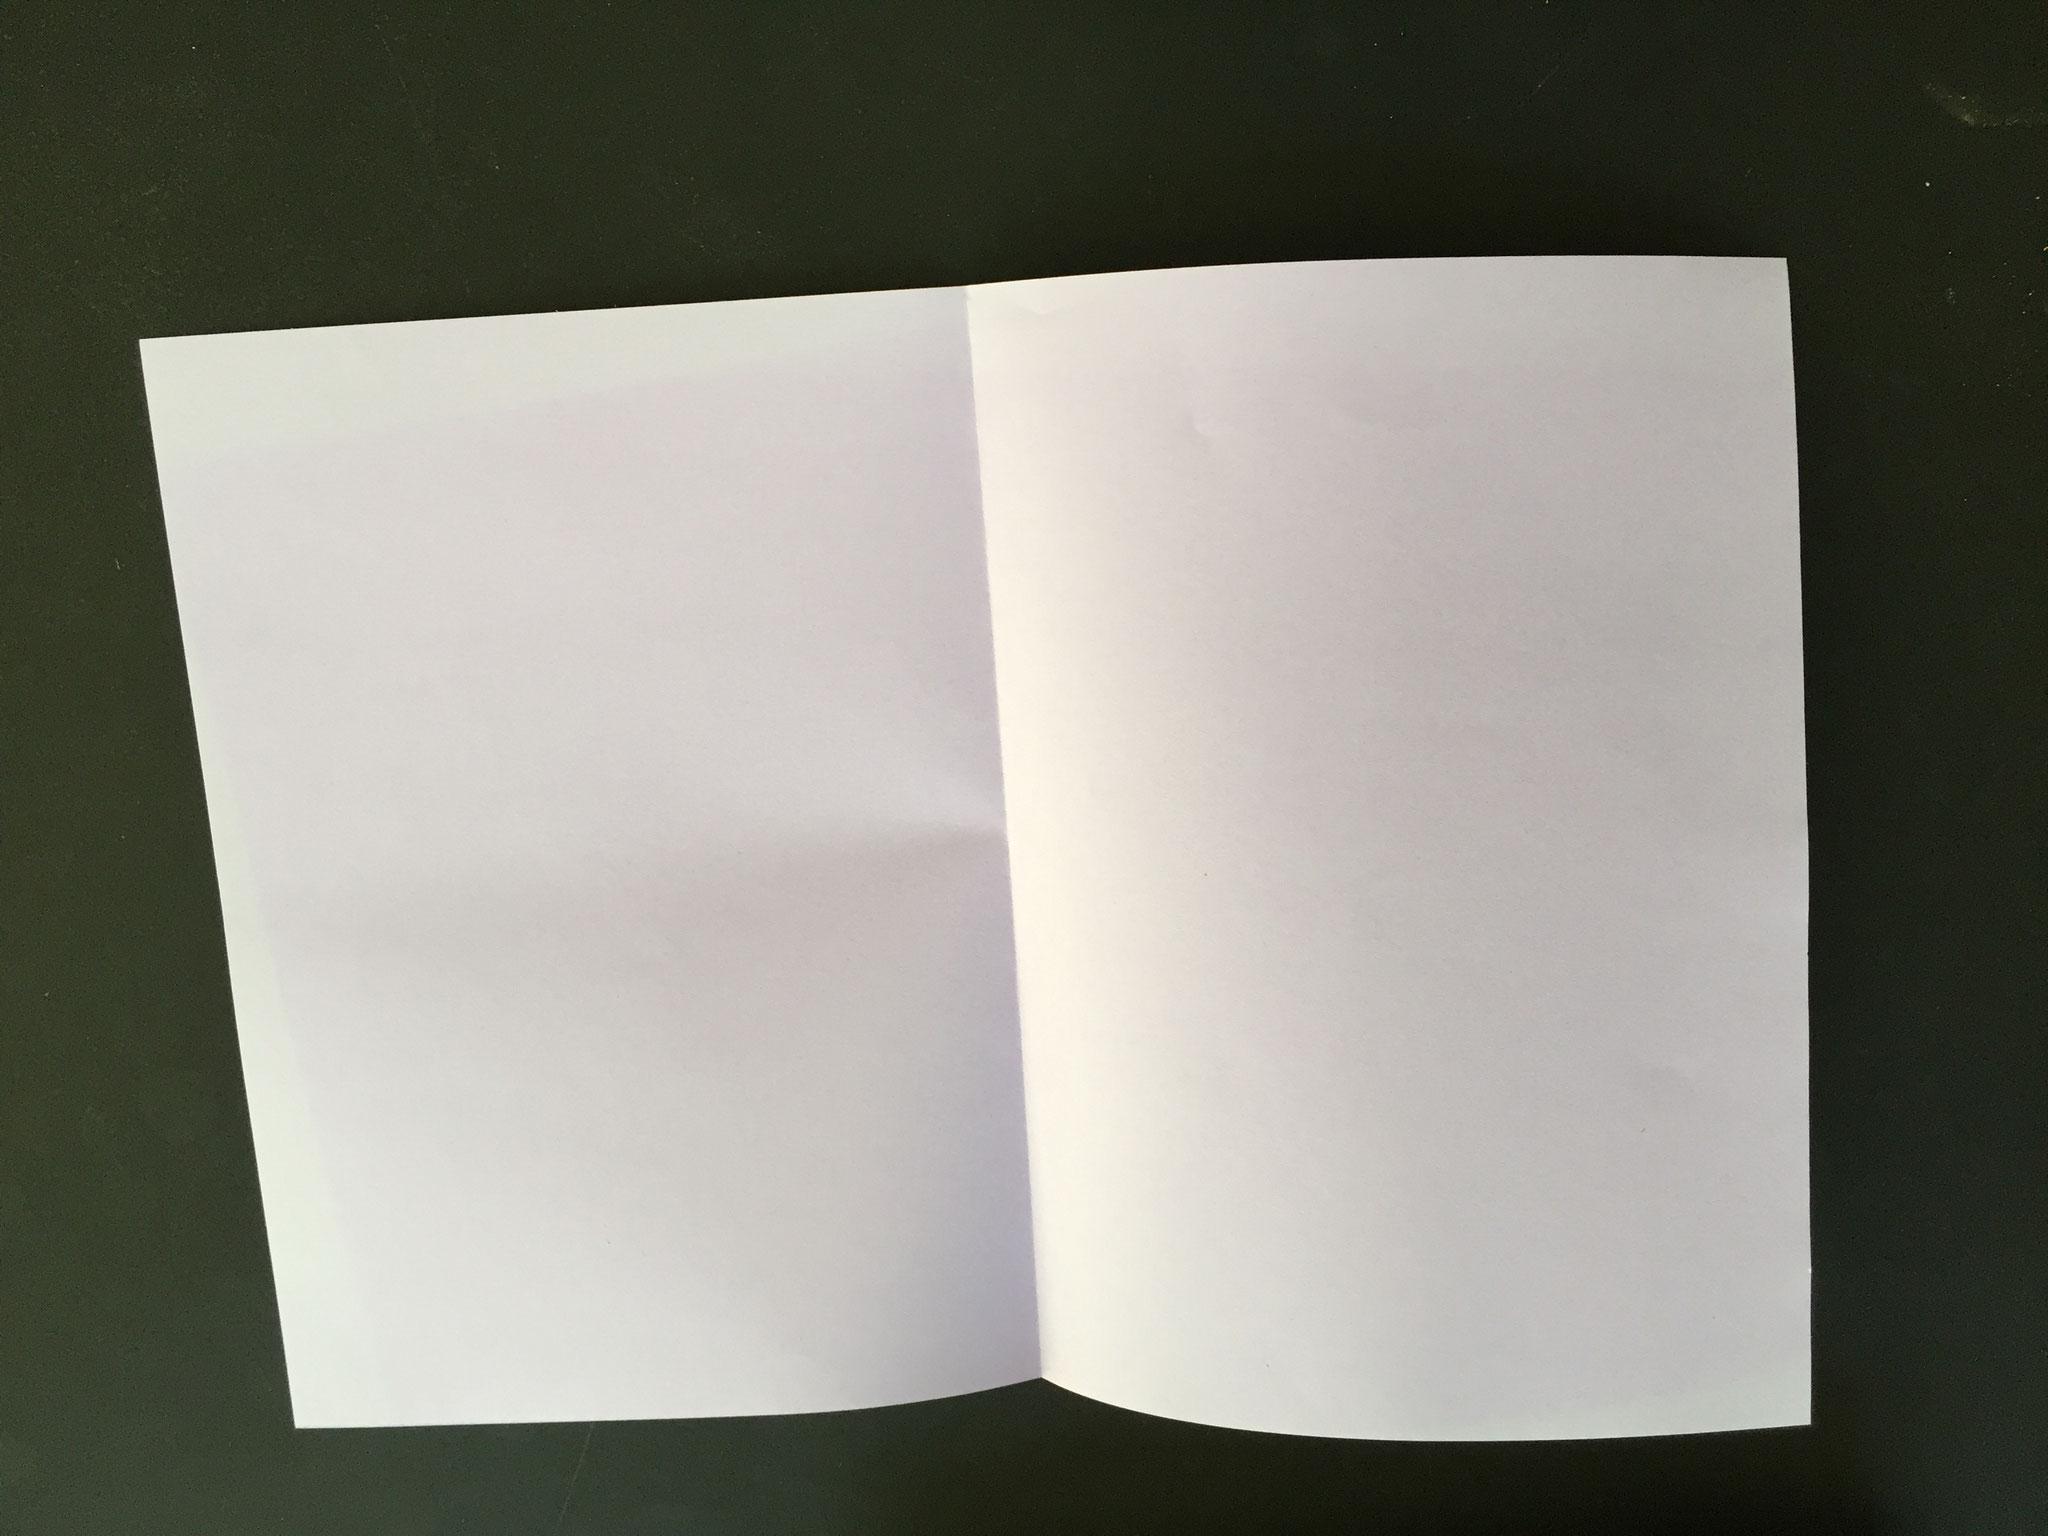 Jetzt machst du die Segel: Ein Blatt A4 Papier 2 Mal falten.